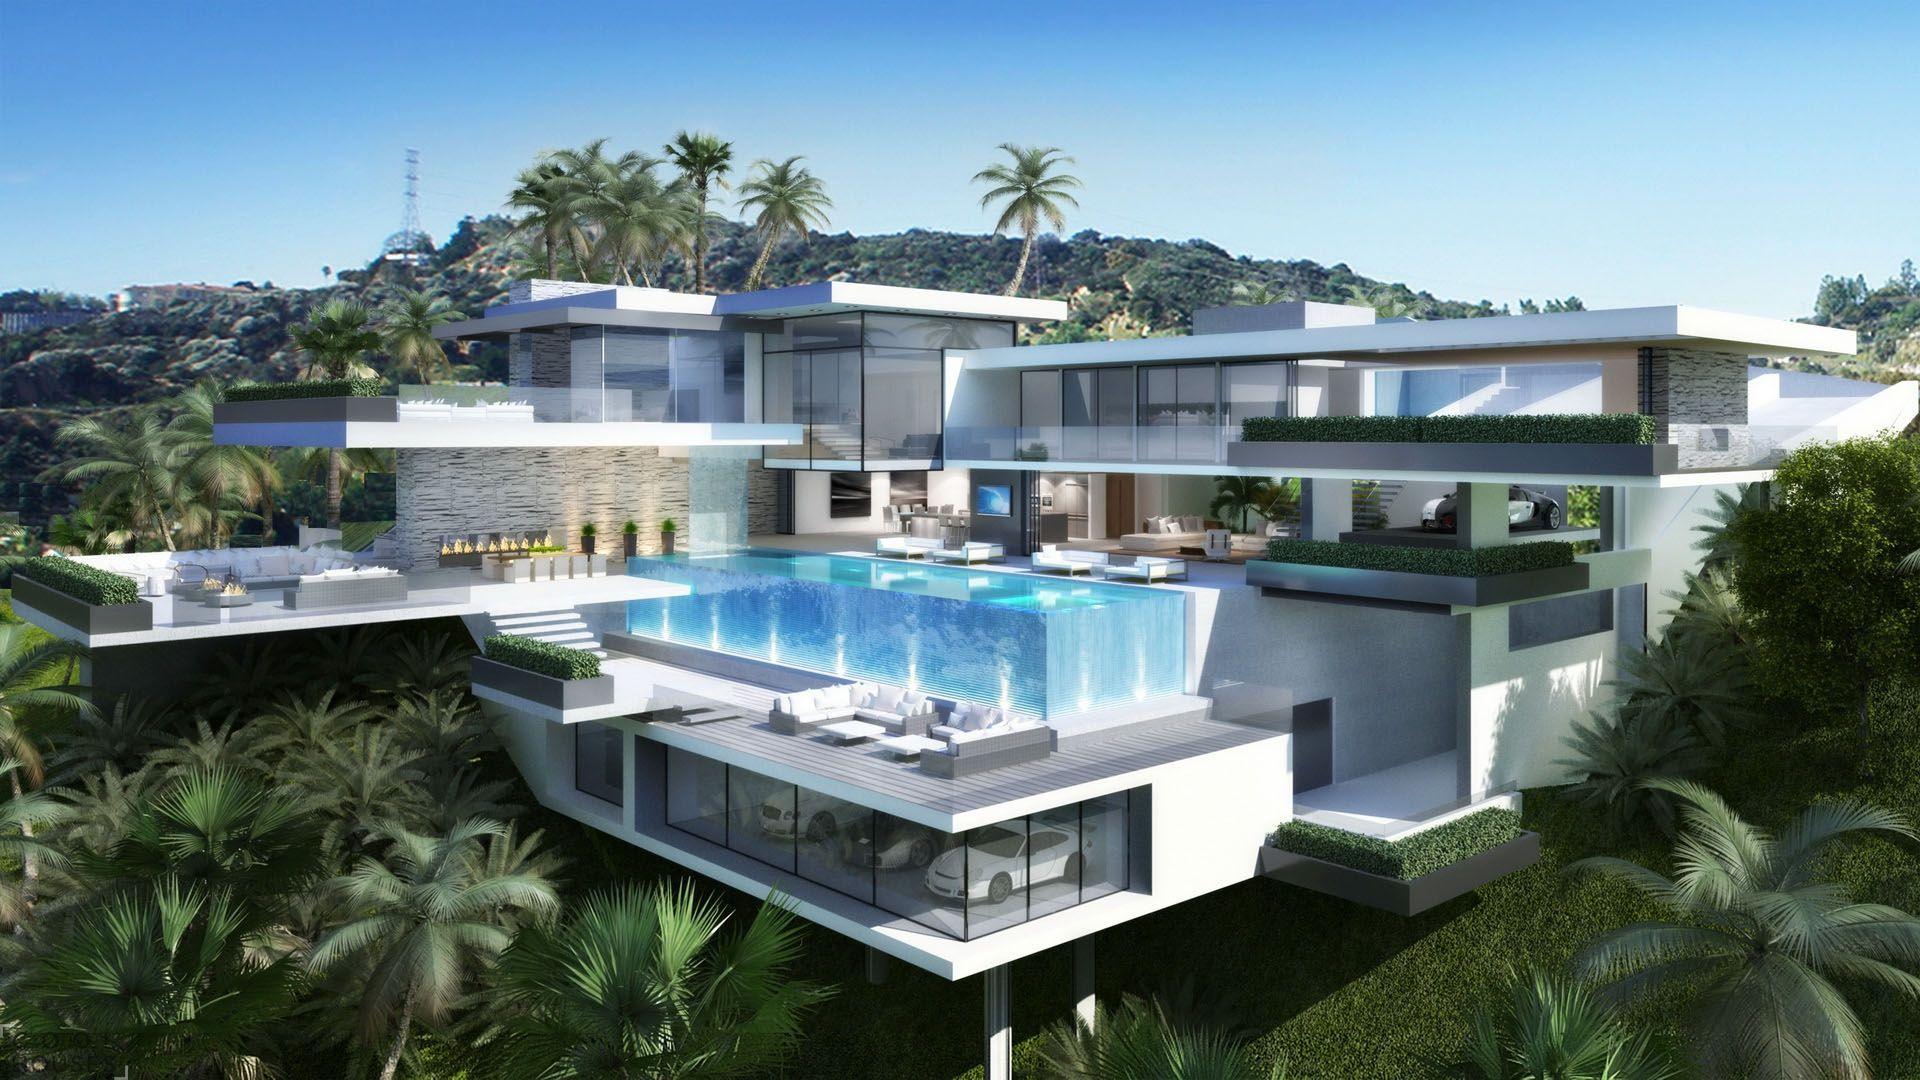 Проекты двух современных дома в Лос-Анджелесе | Модерн и ...